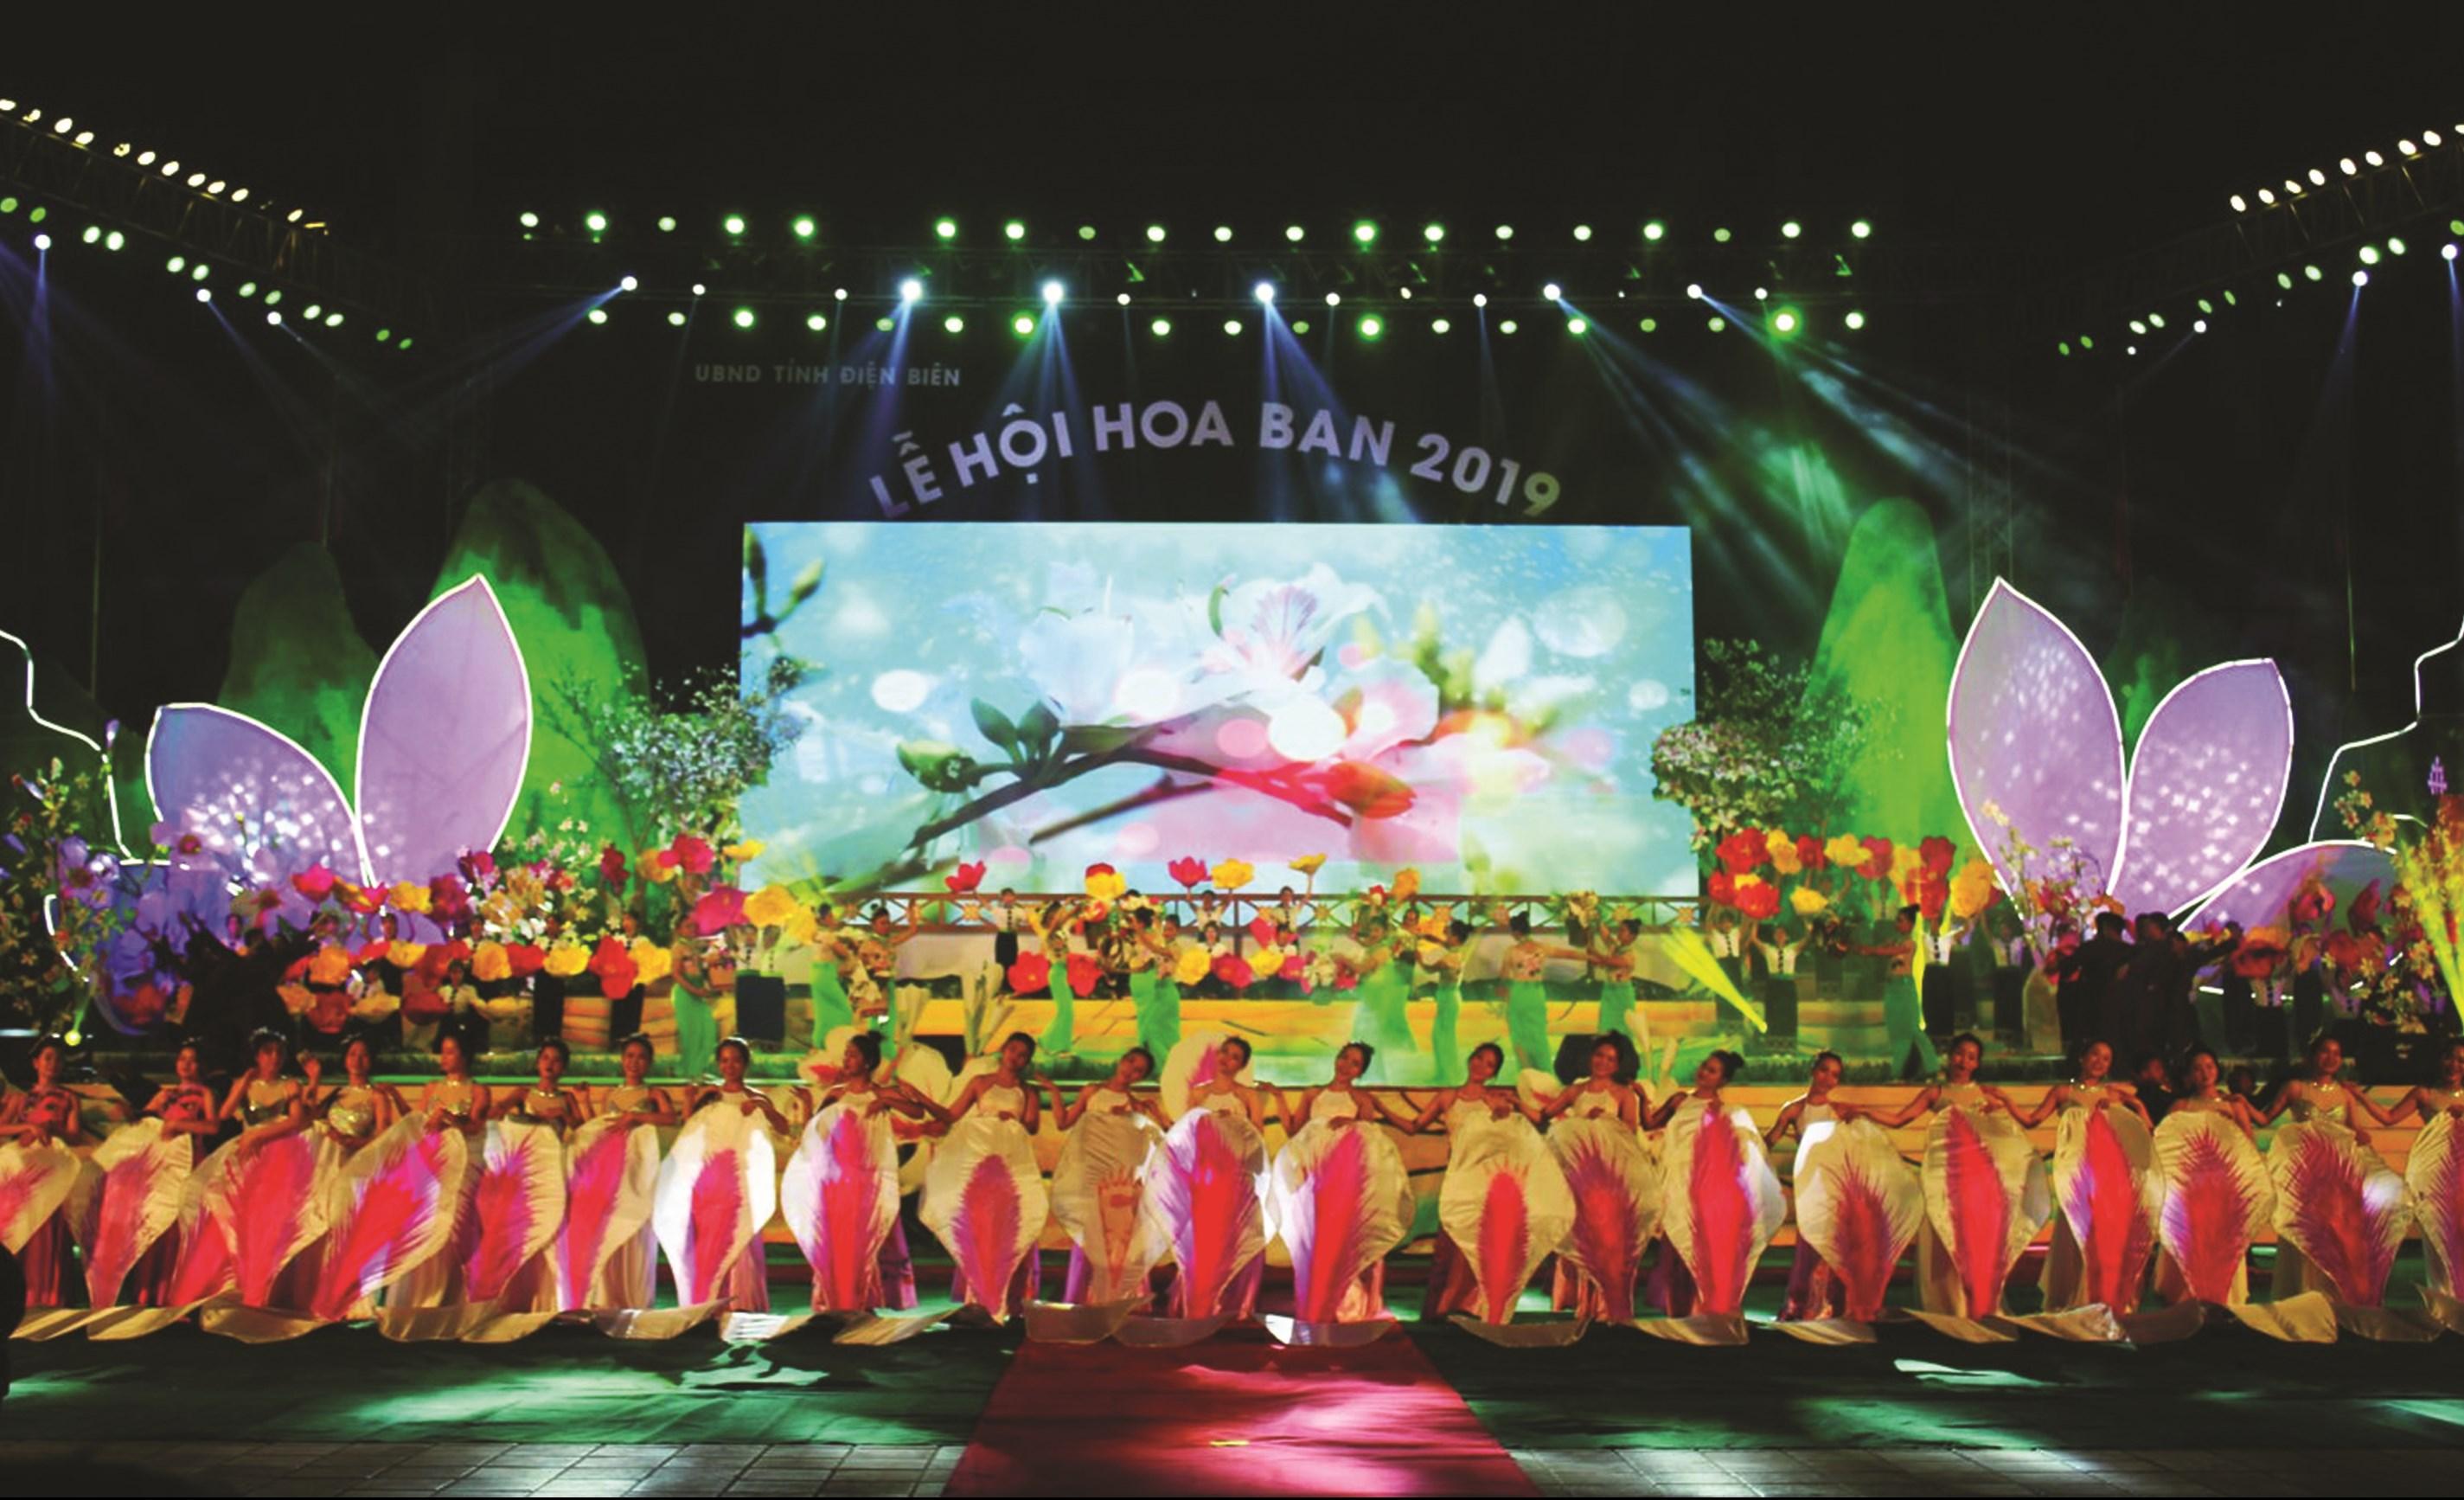 Chương trình nghệ thuật khai mạc Lễ hội Hoa Ban 2019 do NSƯT Điêu Khánh Thực làm tổng đạo diễn,